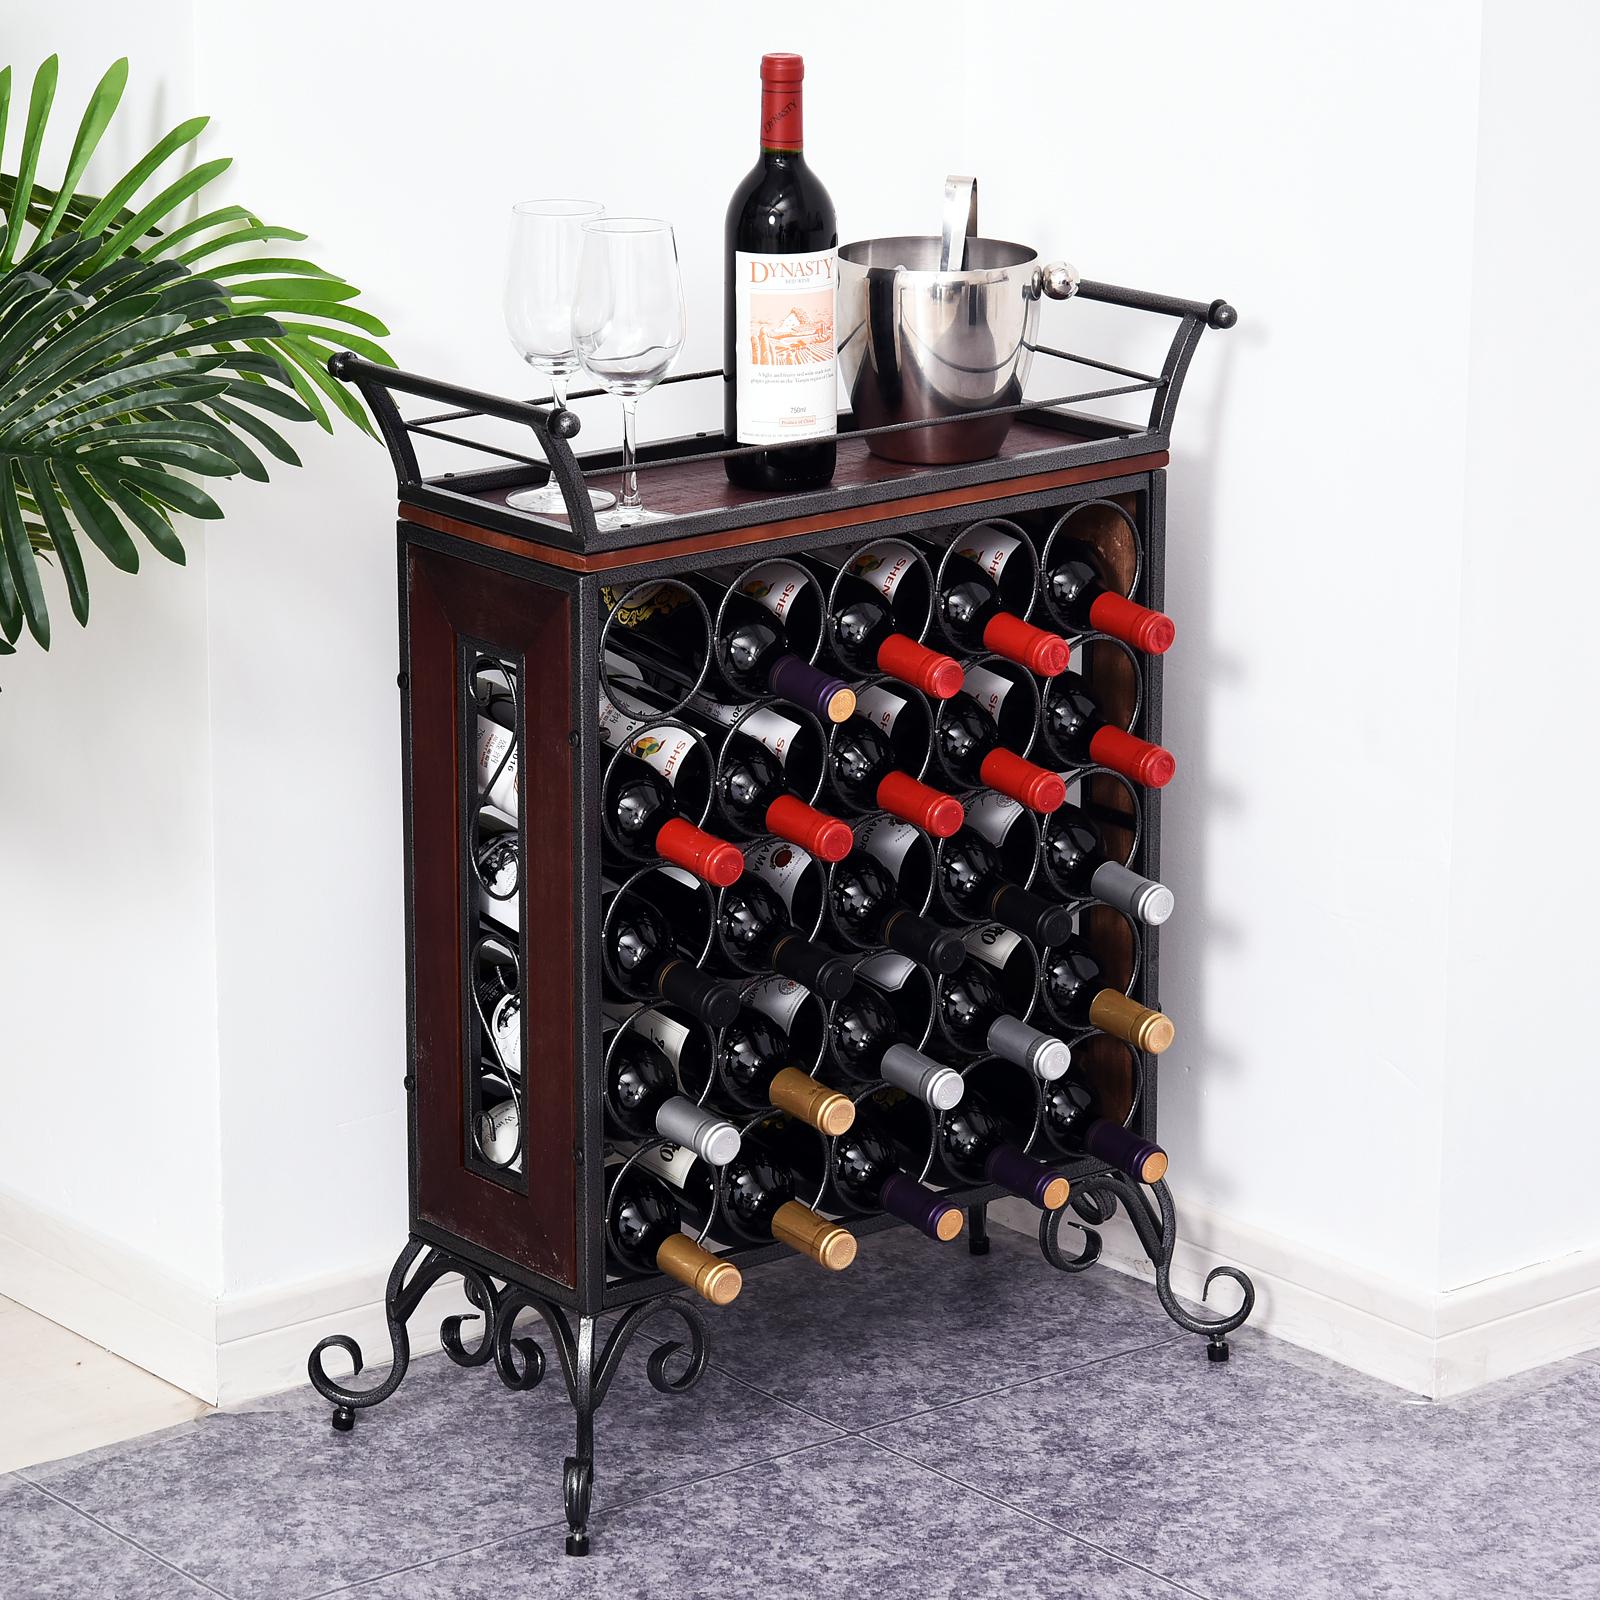 Details about 5-Tier 25 Wine Bottle Rack Display Storage Cart Organizer Bar  Kitchen Cellar